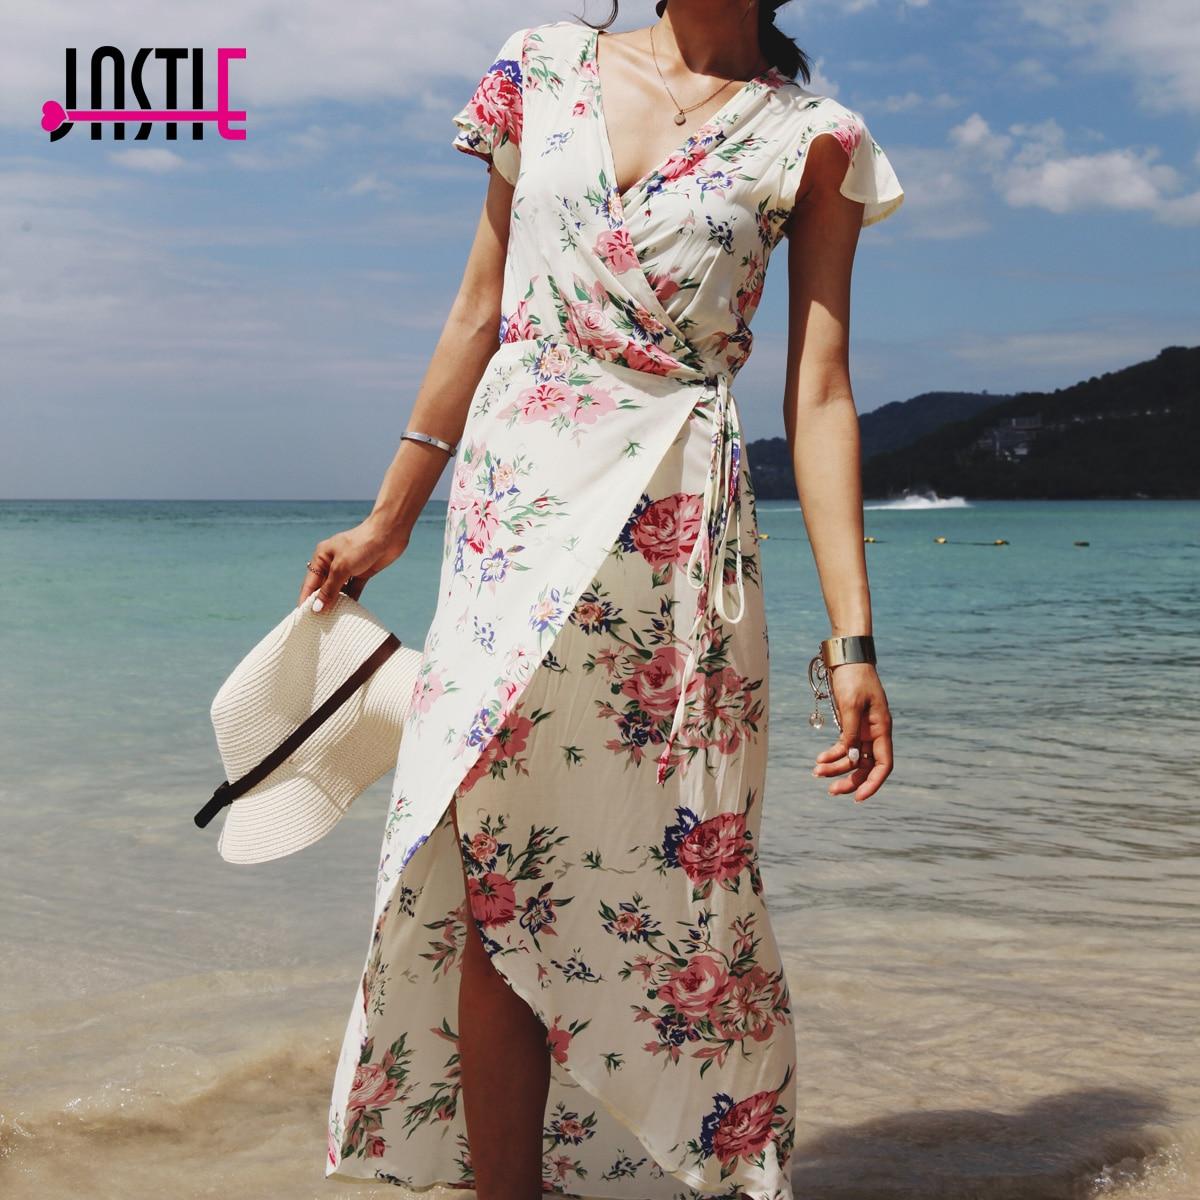 Maxi Jurk Met Korte Mouwen.Jastie Wrap Maxi Jurk Vintage Bloom Print Vrouwen Jurk V Hals Korte